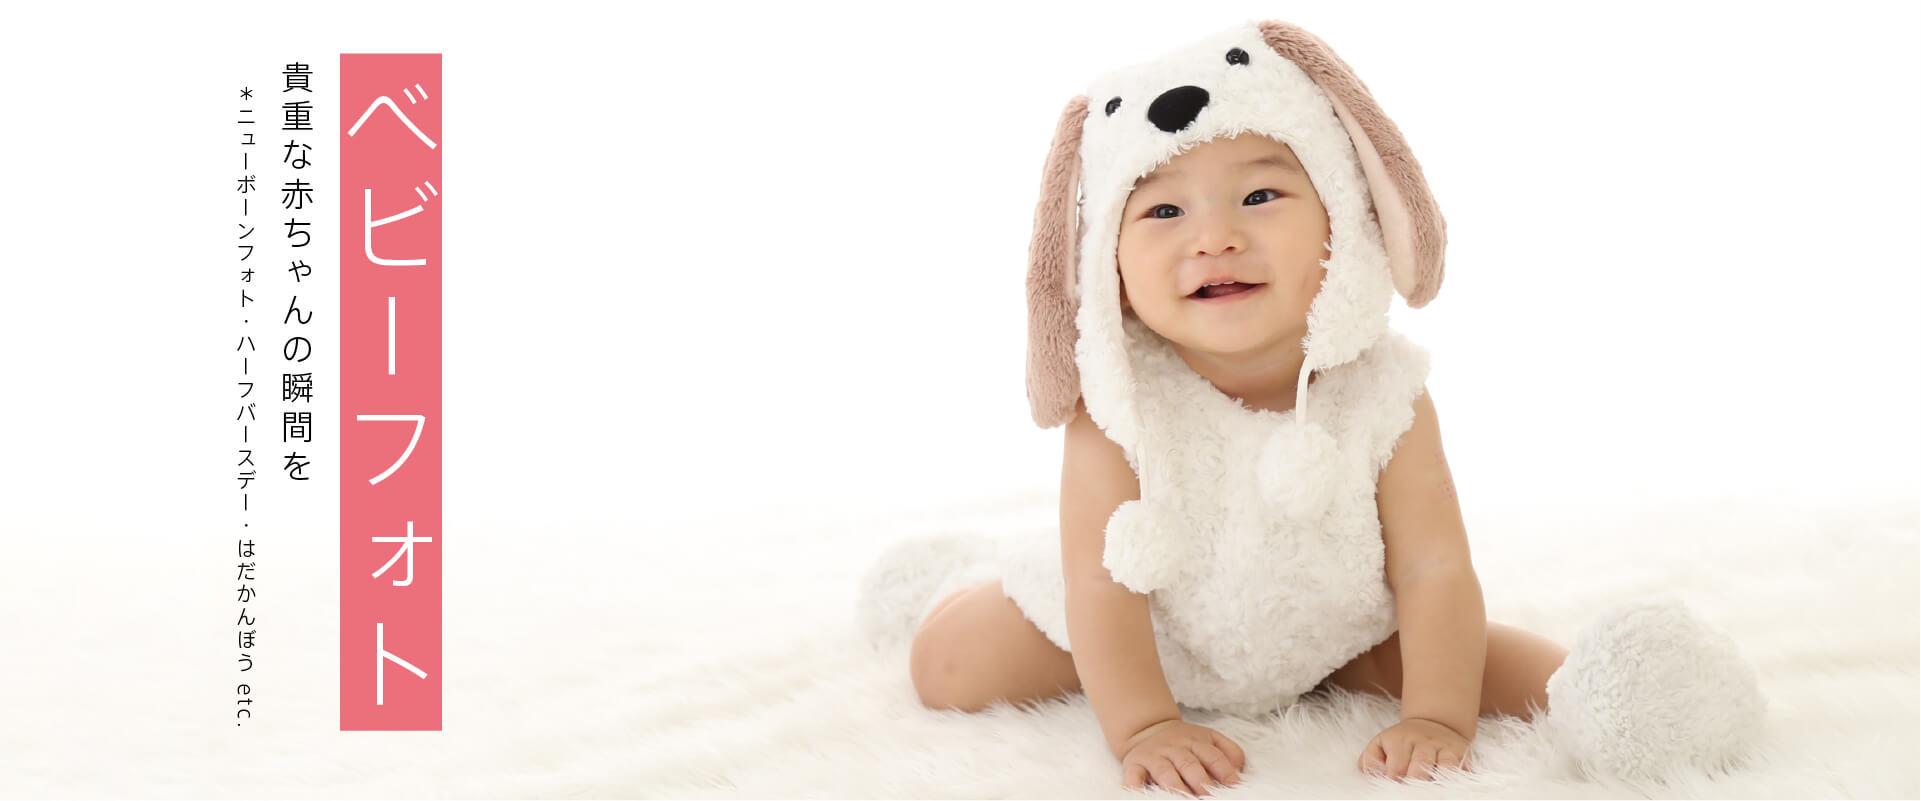 着ぐるみを着た赤ちゃん